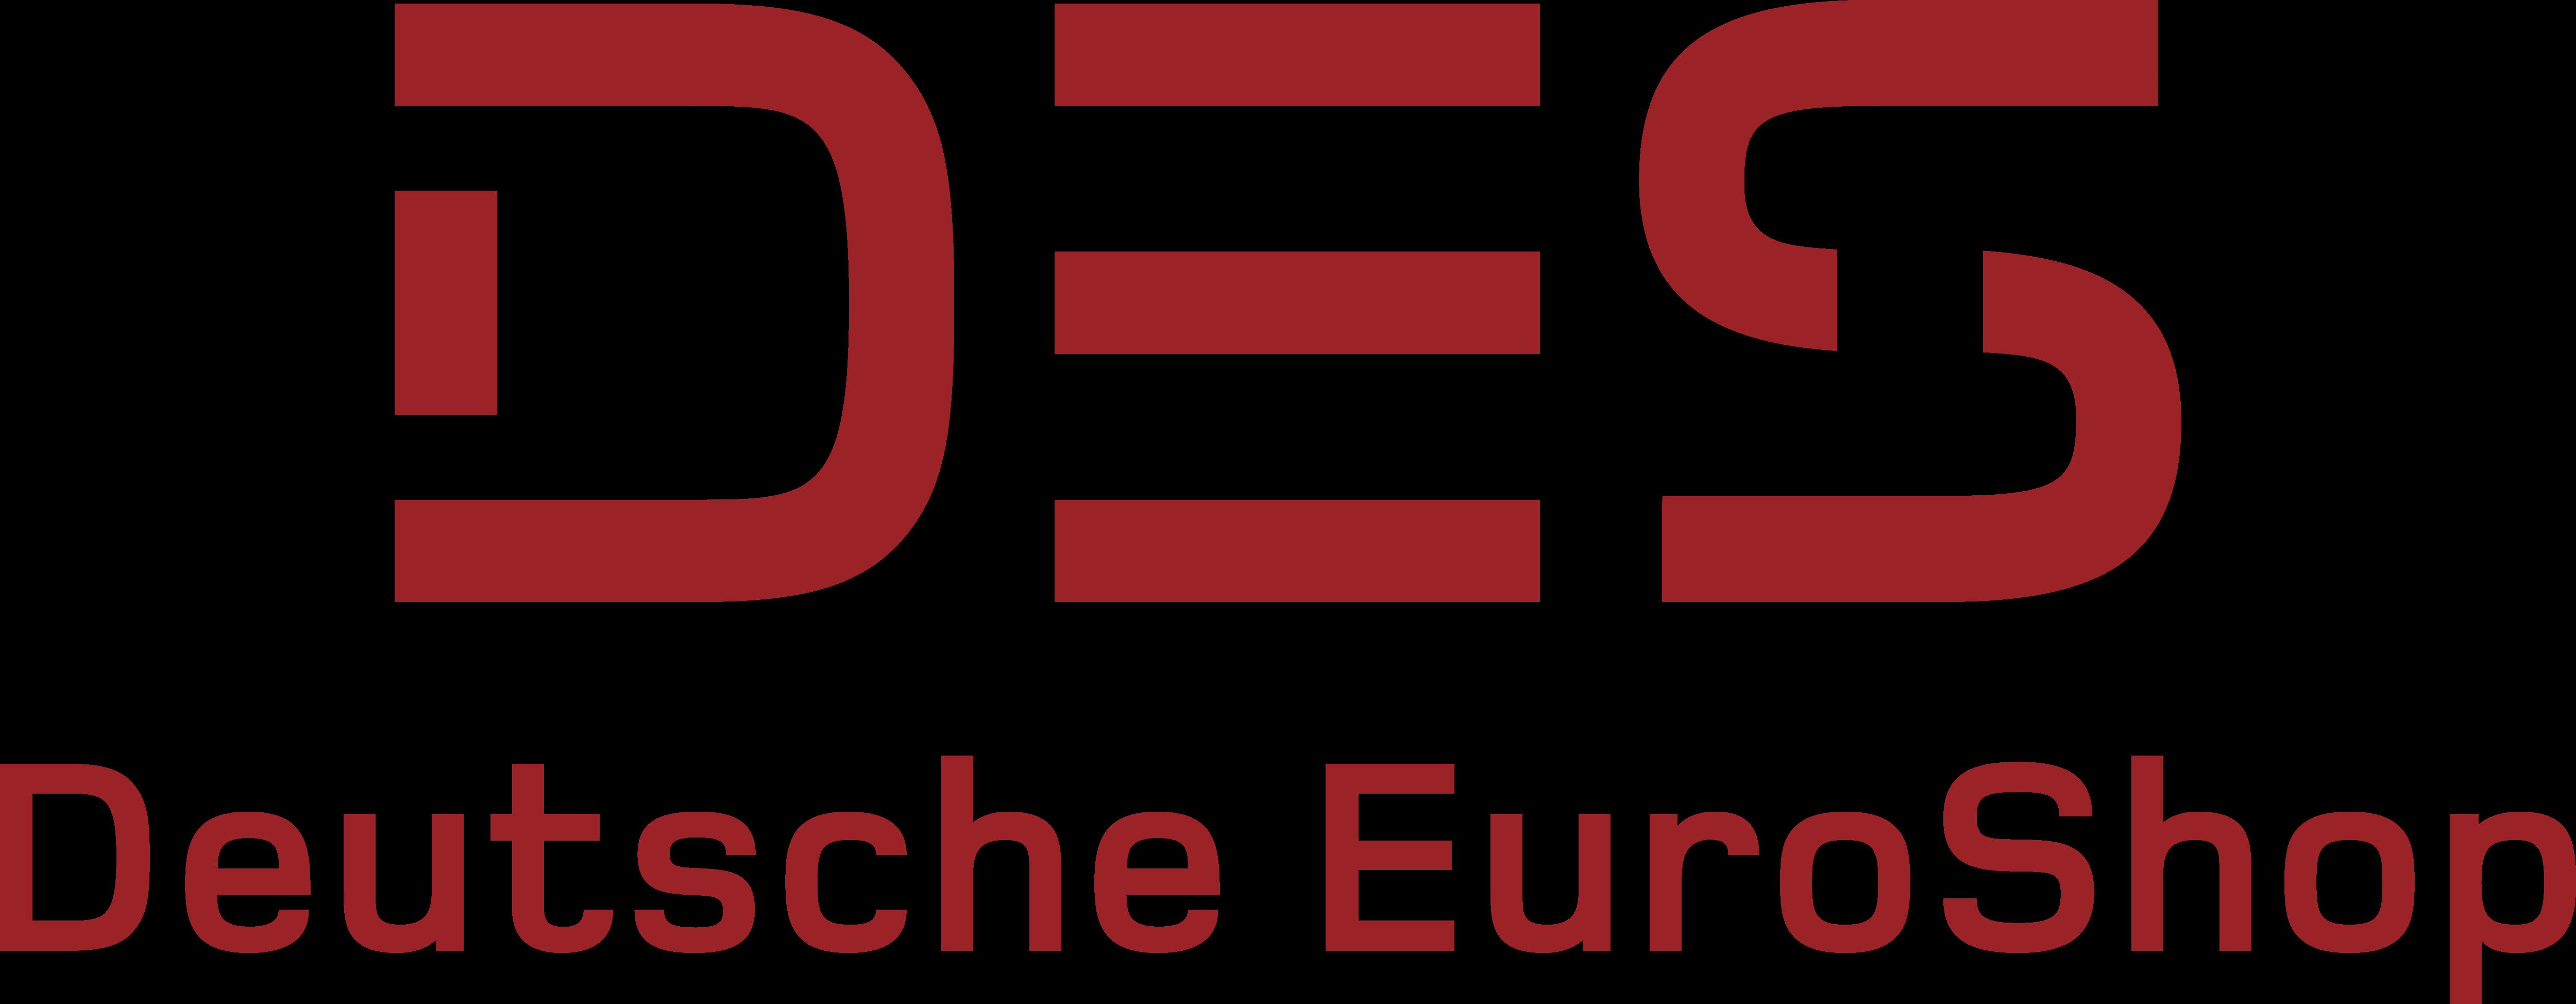 Kurs Deutsche Euroshop